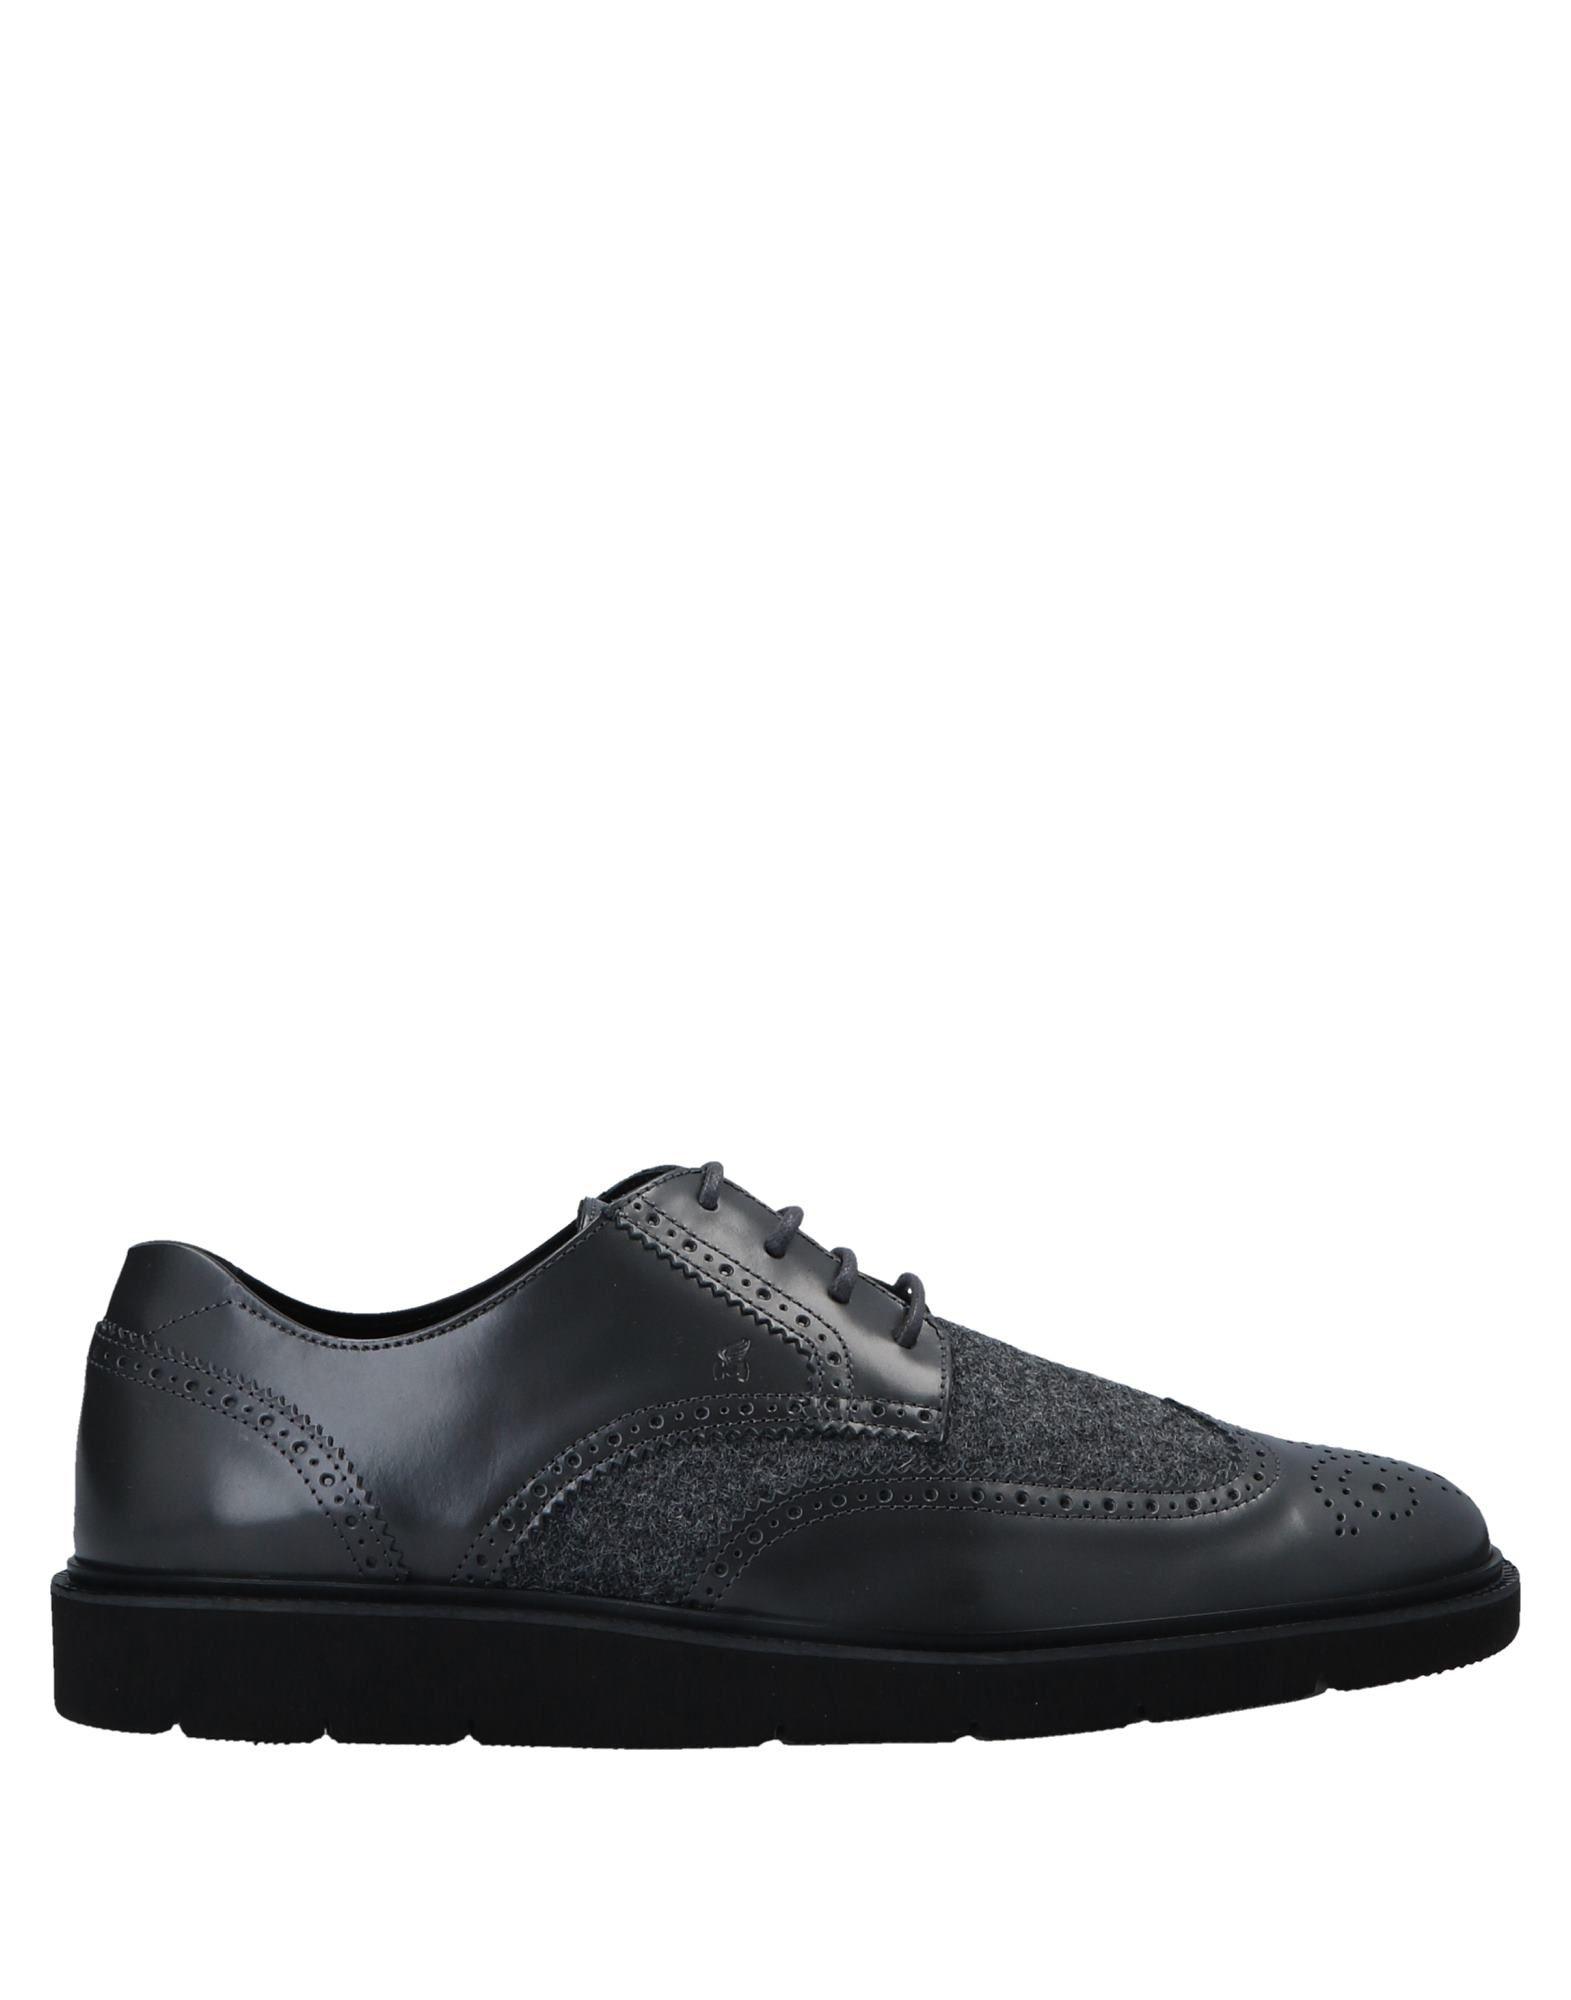 Hogan Schnürschuhe Herren  11560204TI Gute Qualität beliebte Schuhe